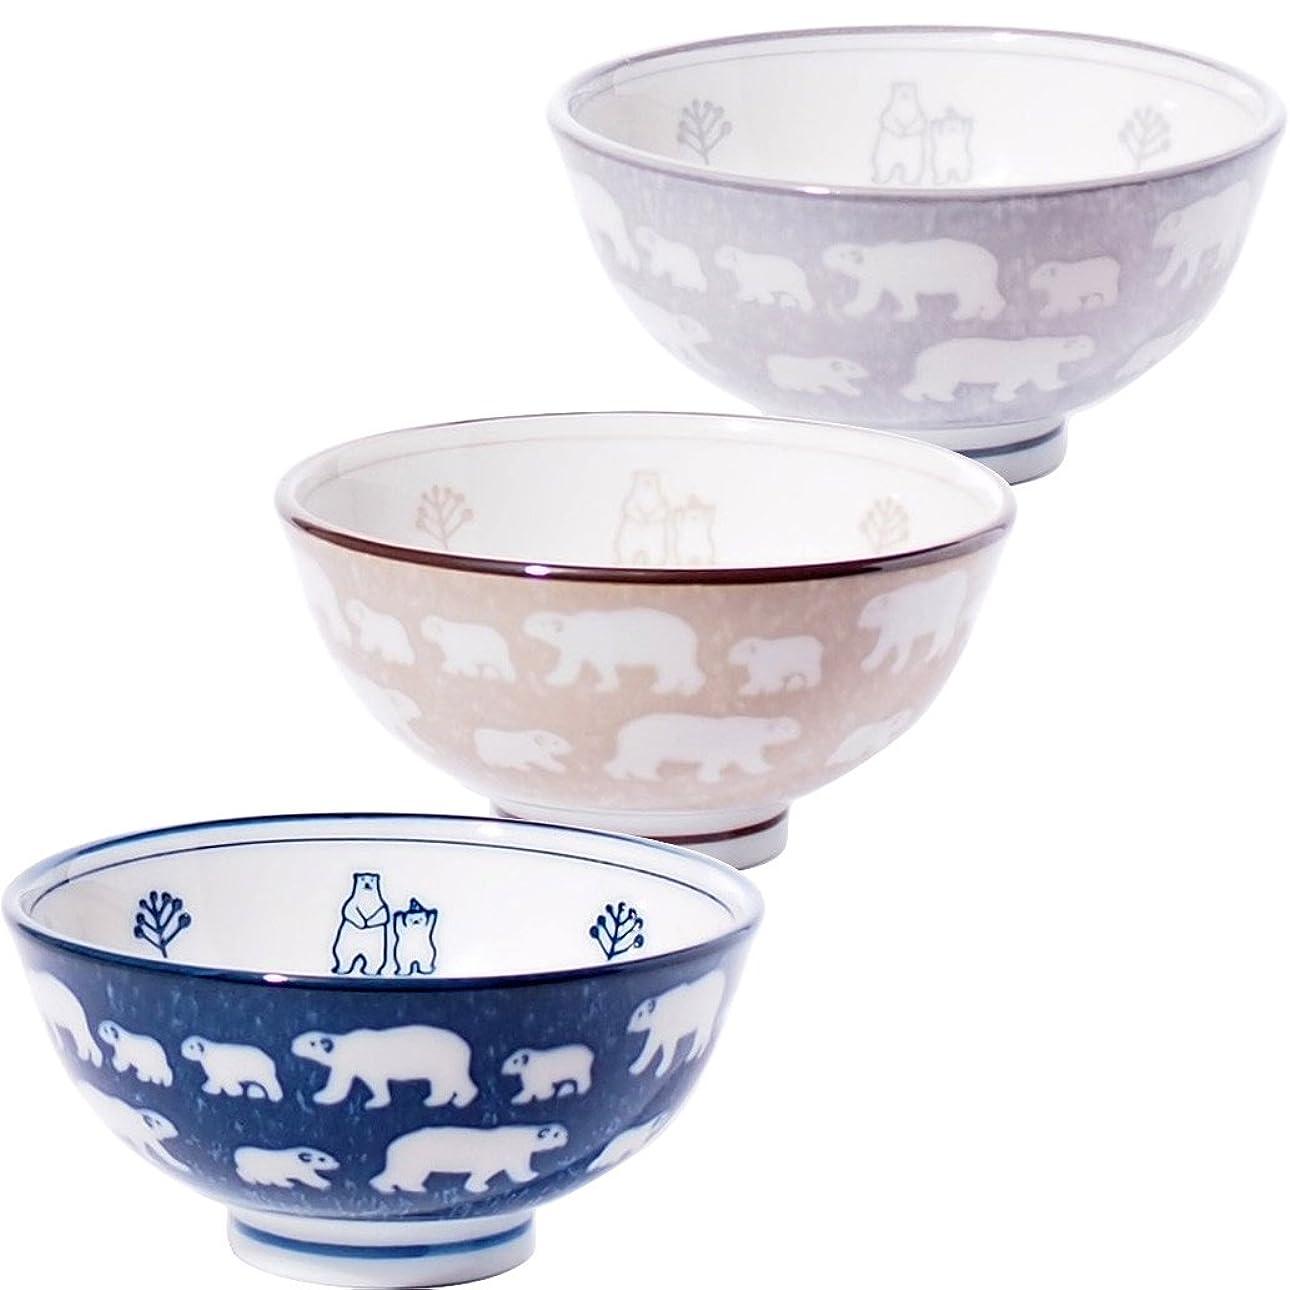 尾相続人銀行みのる陶器 軽量茶碗 白くま 直径12cm 3色(ベージュ?グレー?ネイビー)セット